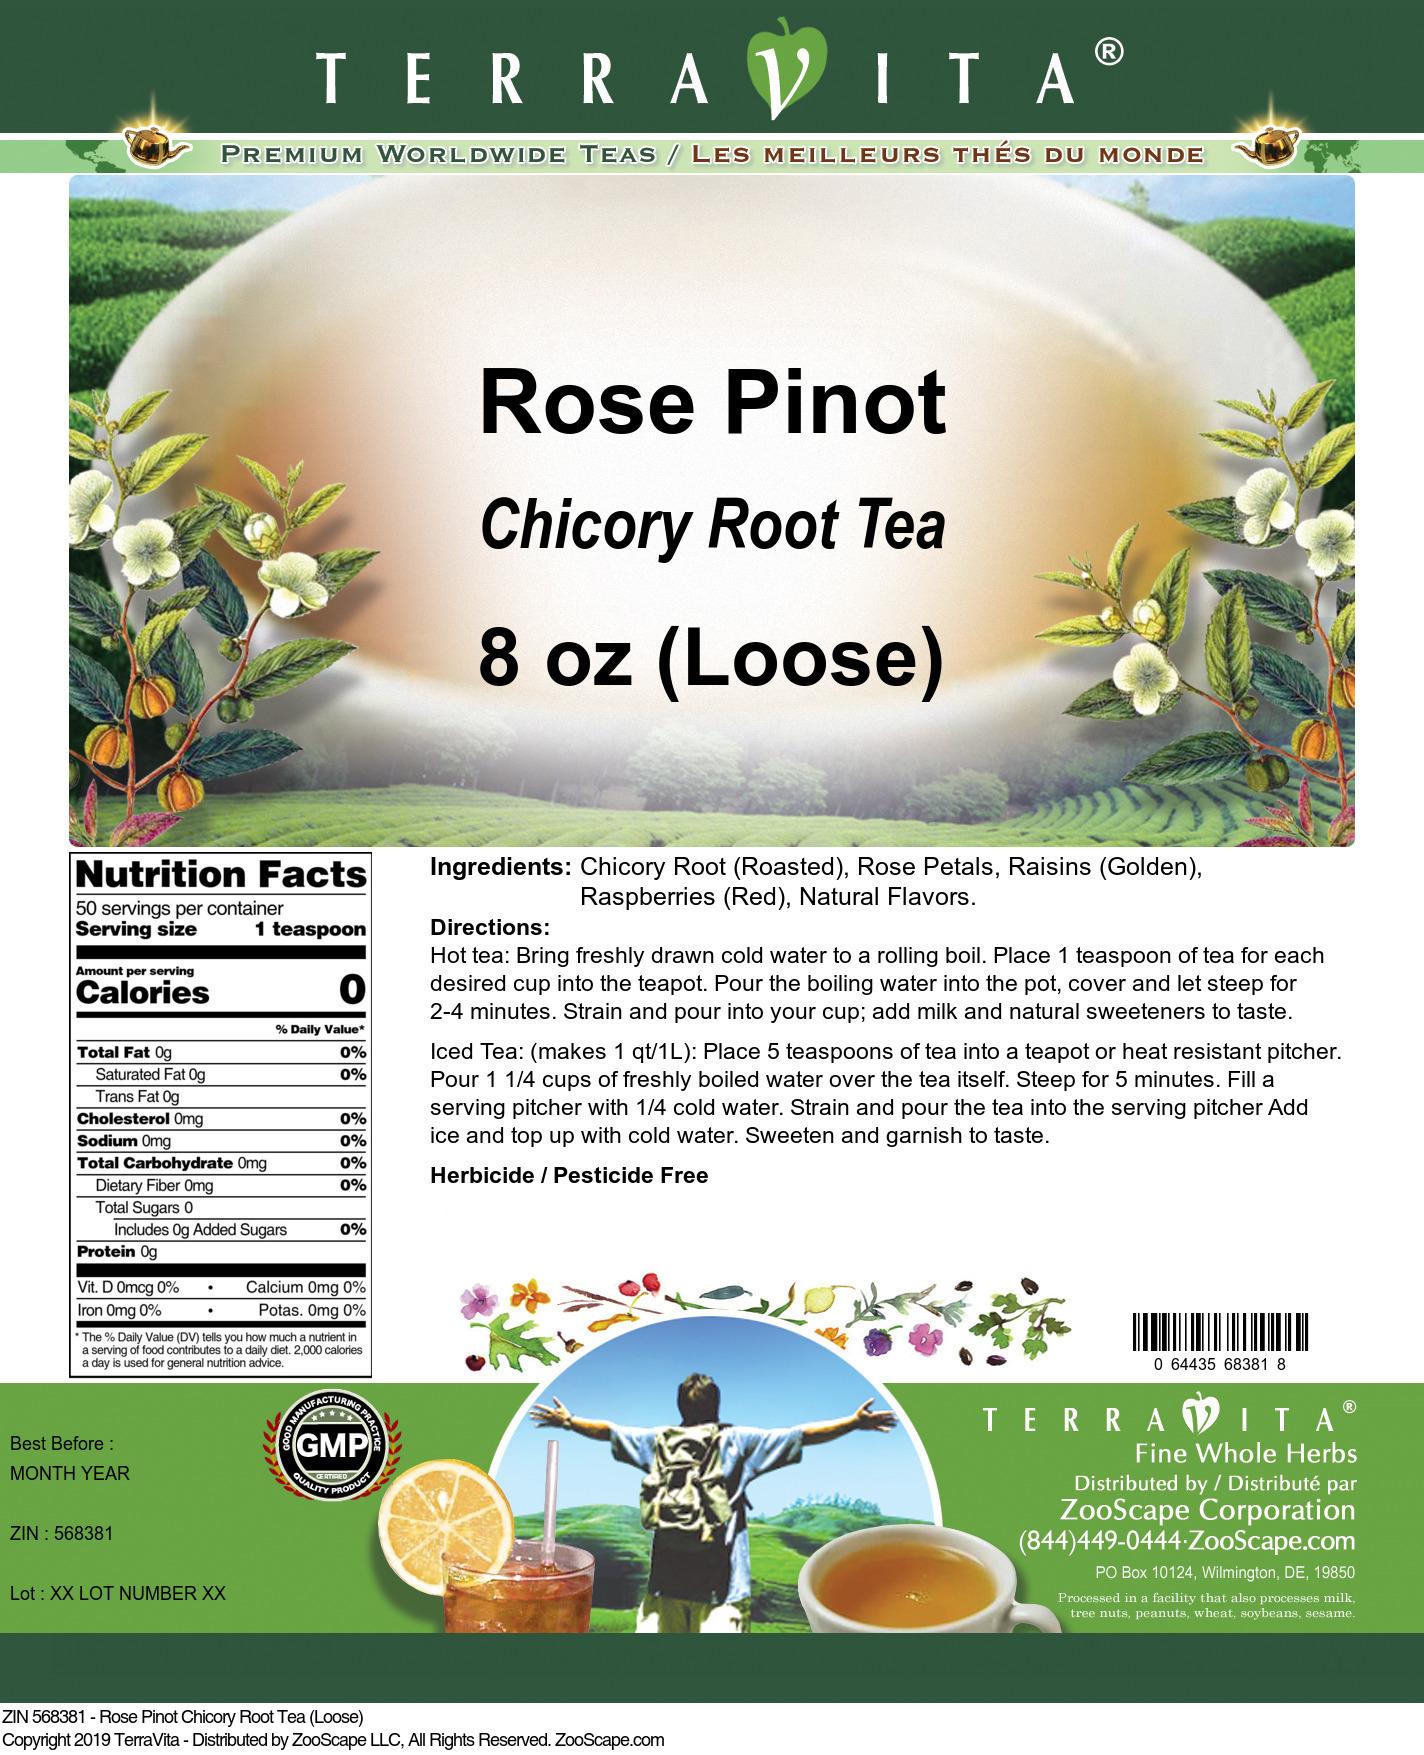 Rose Pinot Chicory Root